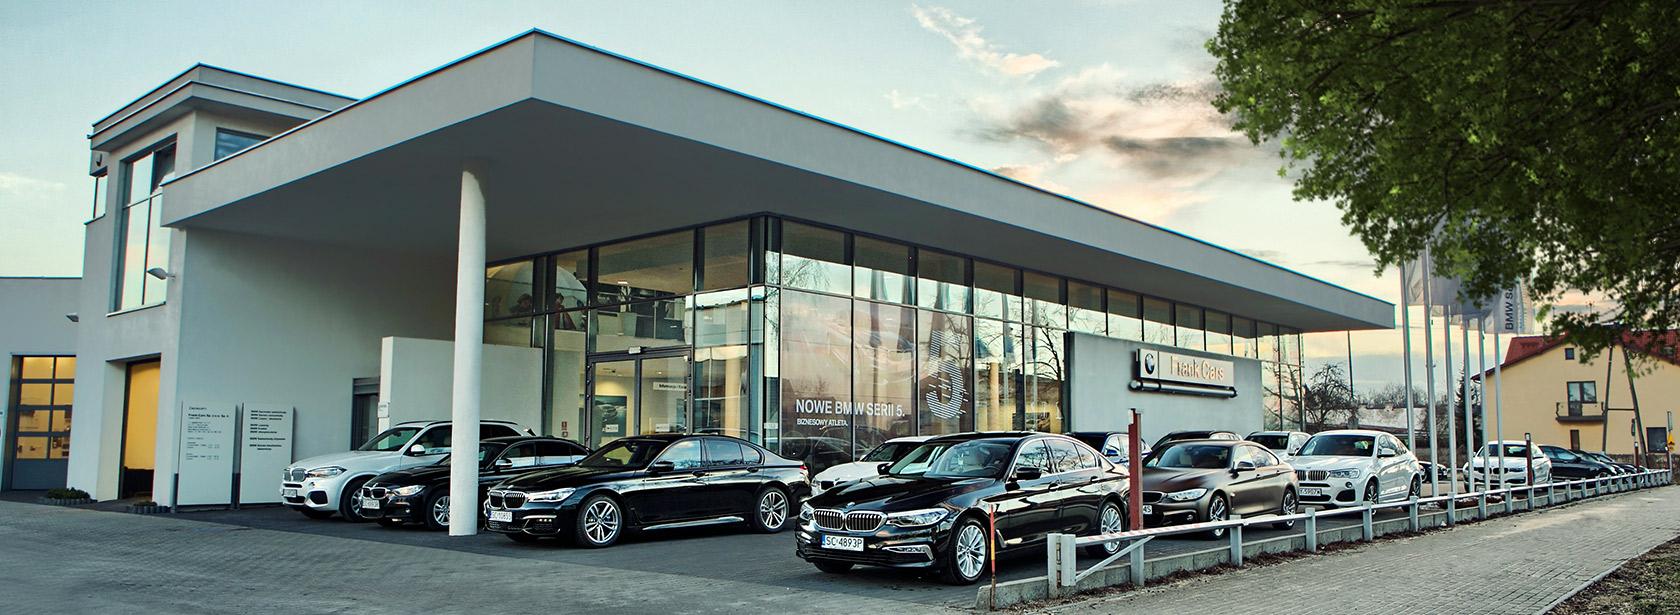 Salon Dealer BMW Frank-Cars.